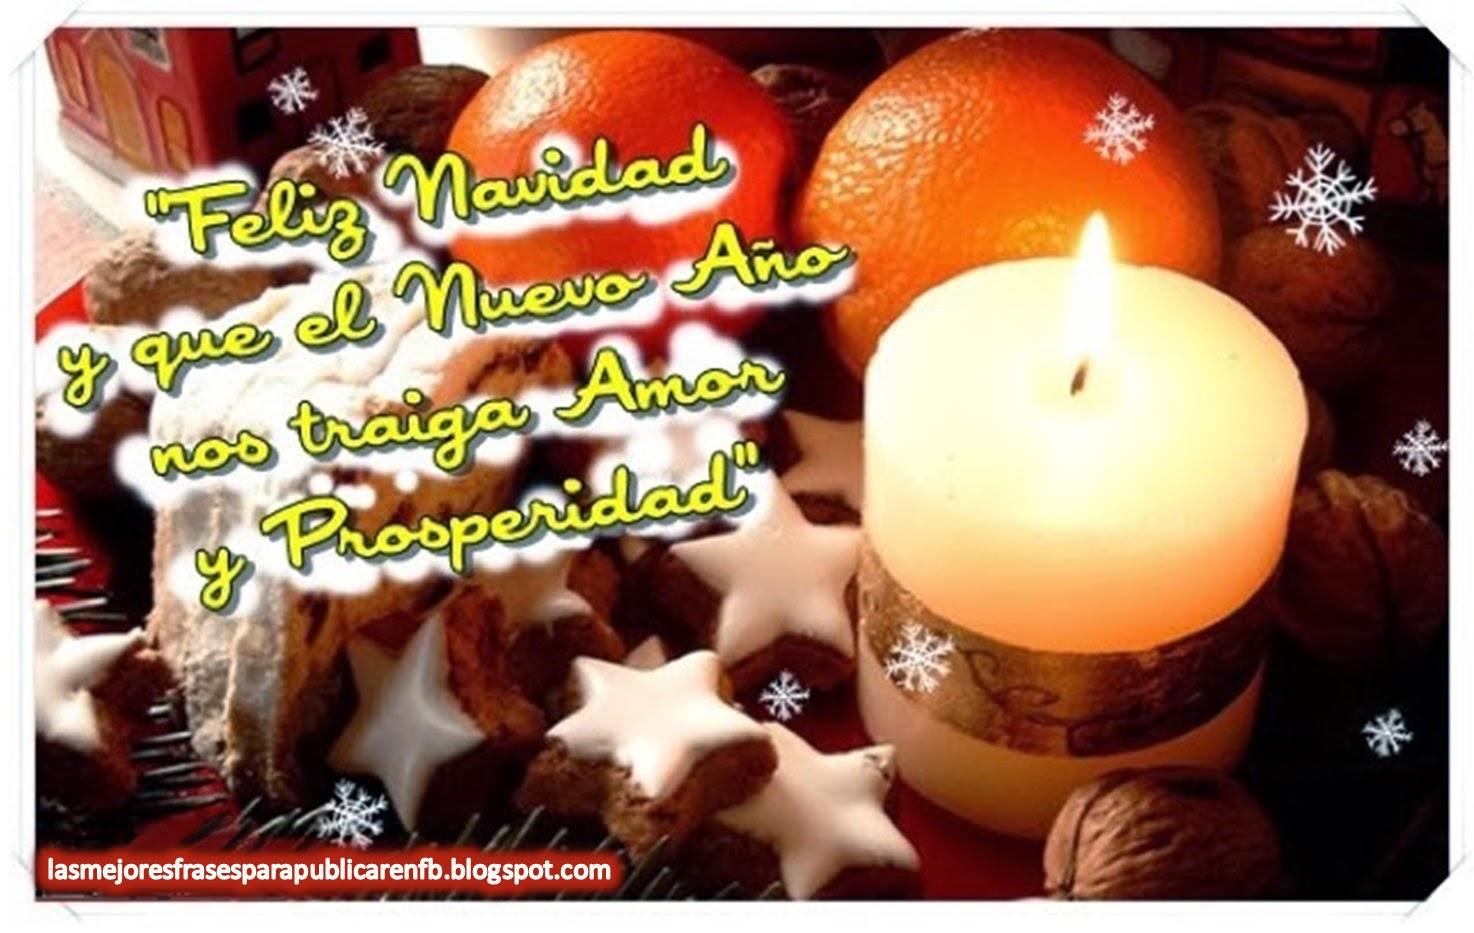 Frases De Navidad Y Año Nuevo: Feliz Navidad Y Que El Nuevo Año